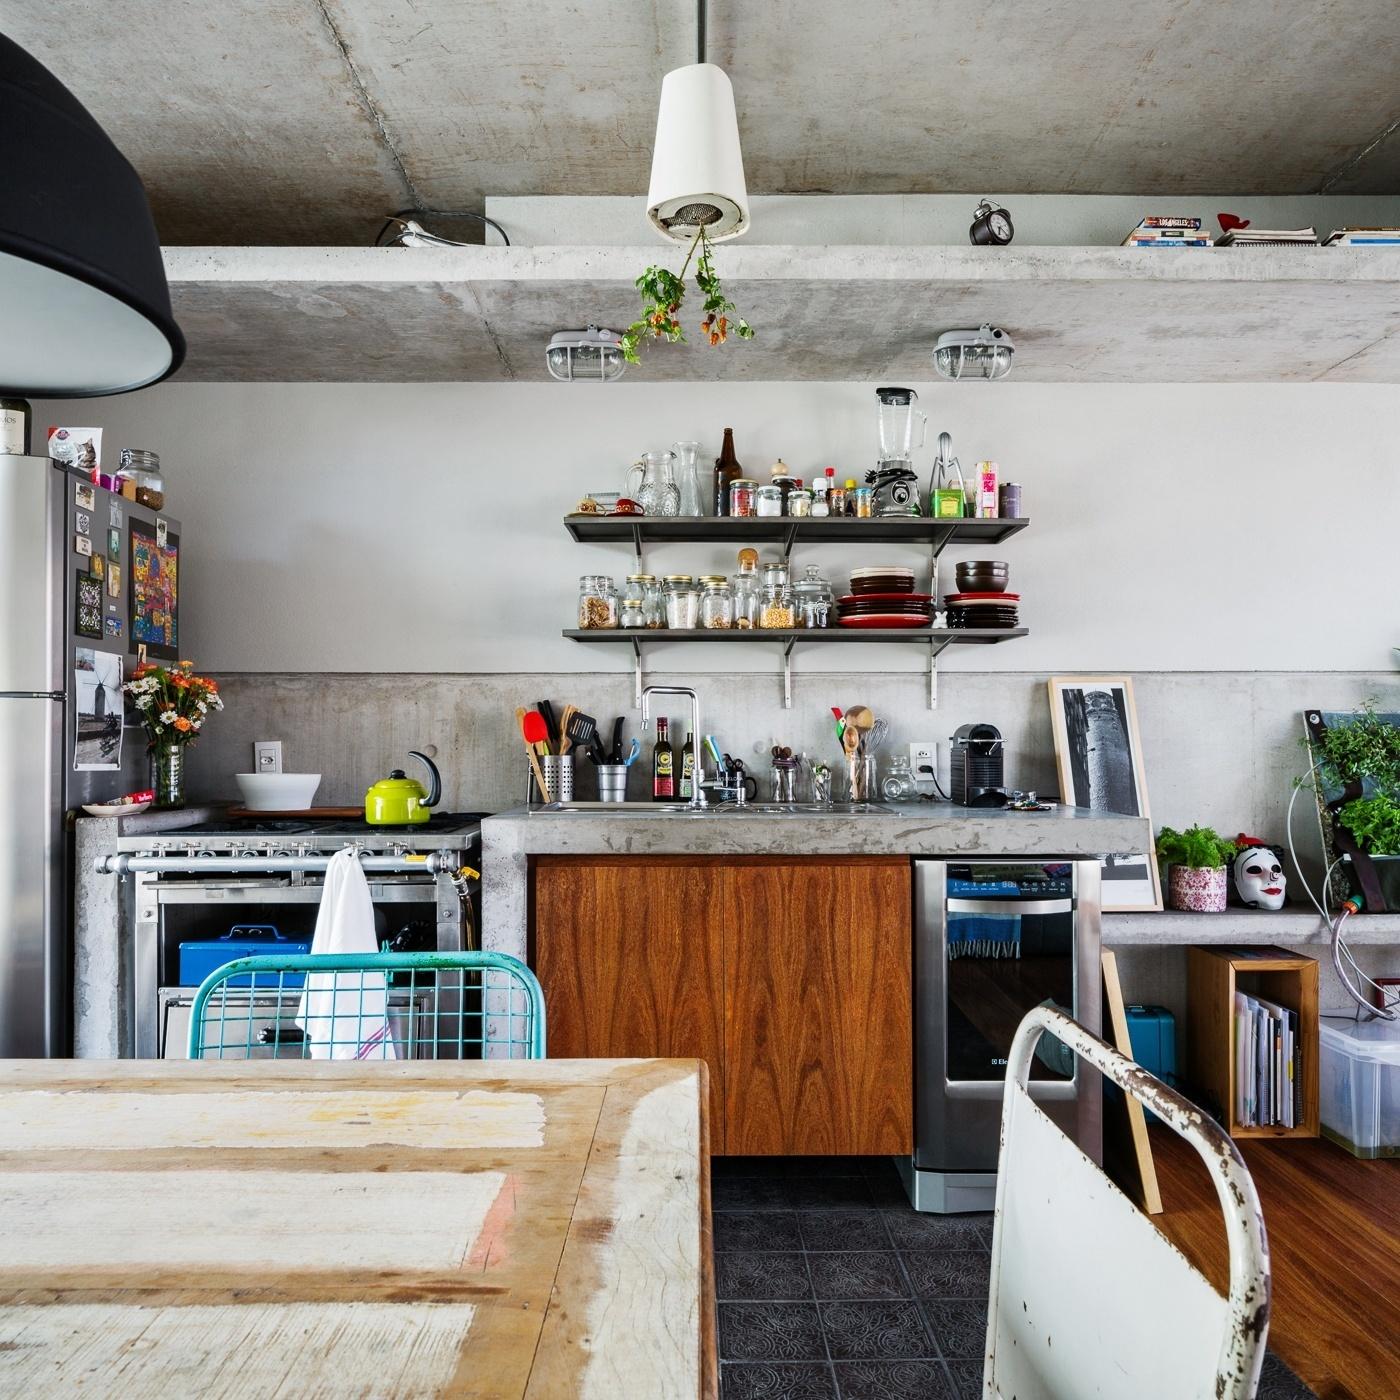 Integrada aos espaços de estar e jantar, a cozinha do apê Vila Aspicuelta, com decoração dos arquitetos Rafael Loschiavo e Veronica Molina, exibe o mesmo ar rústico descontraído dos demais ambientes sociais. Nela, são combinados à bancada de concreto com gabinete de madeira, um fogão com aspecto industrial, da Sufilsa, e as prateleiras da Ominia